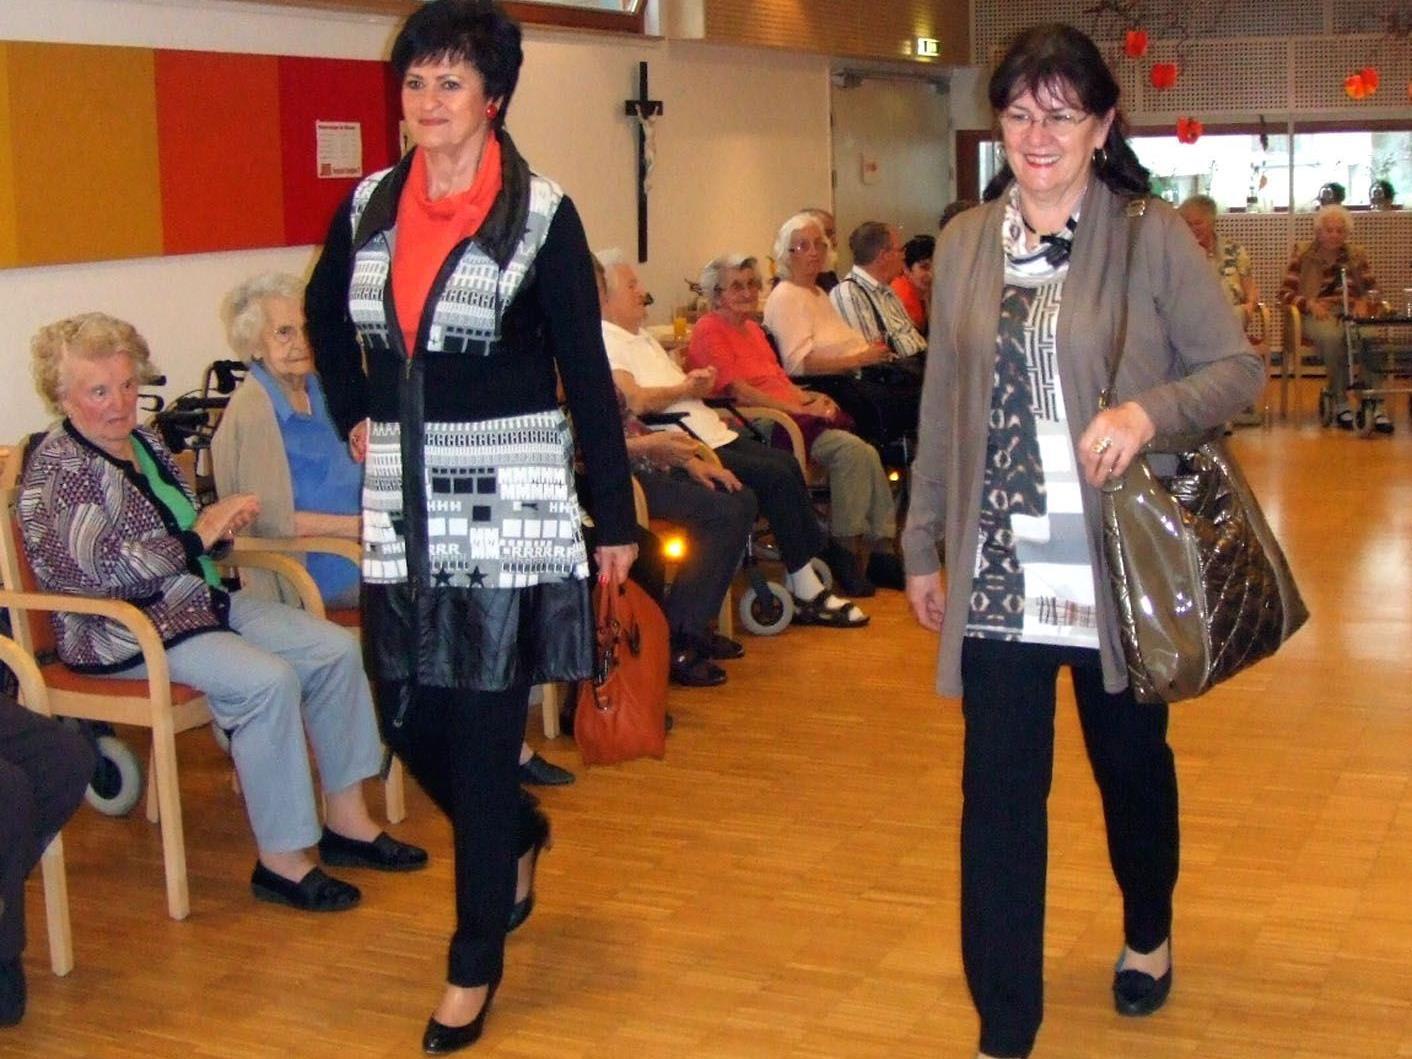 Professionelle Seniorenmodels präsentierten die neuesten Trends der Dornbirner Firma Marchetti.